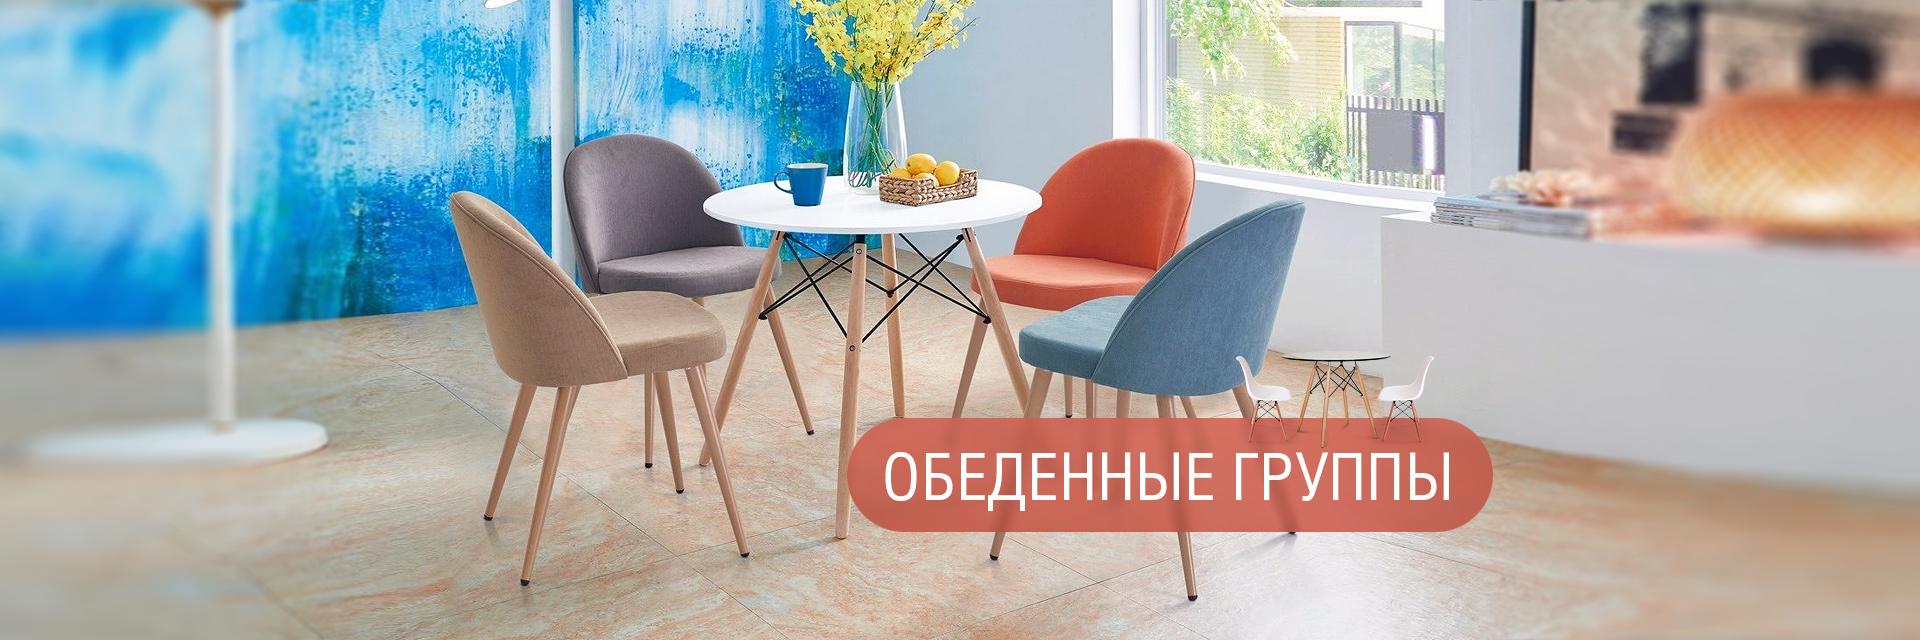 Баннеры для интернет-магазина продажи стульев на алиэкспресс